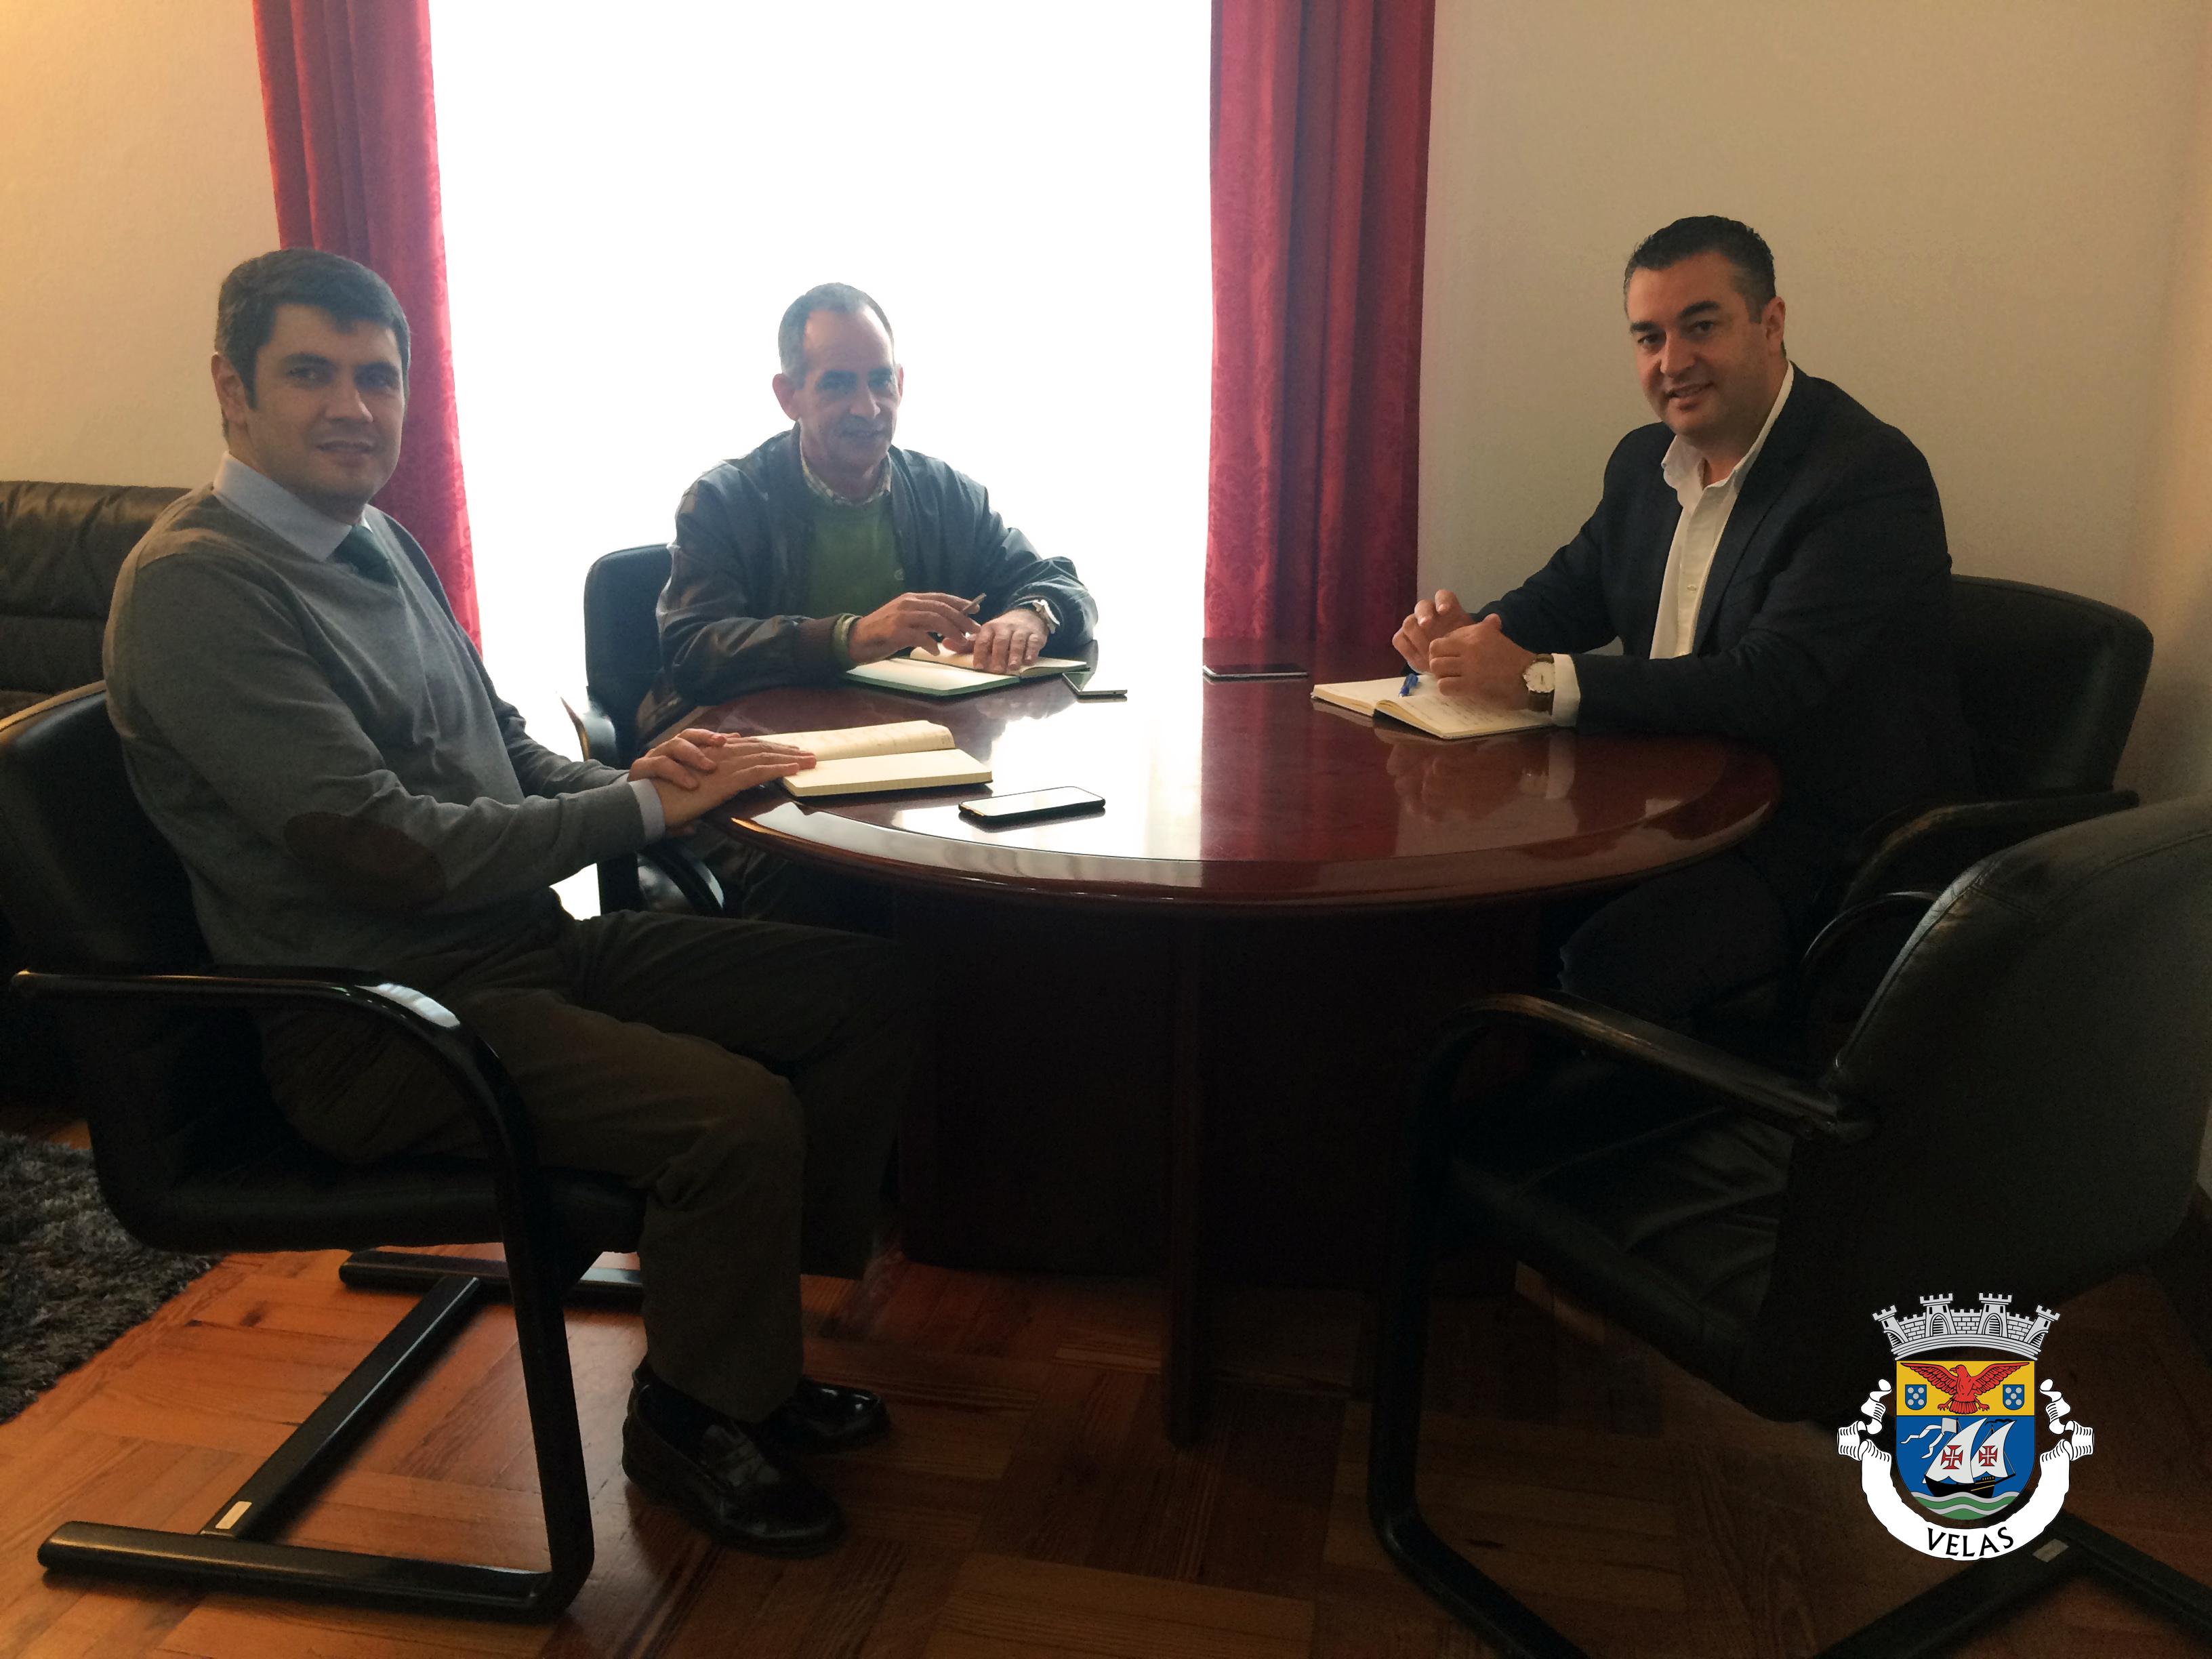 Presidente do Conselho de Administração da Atlânticoline reúne com Luís Silveira